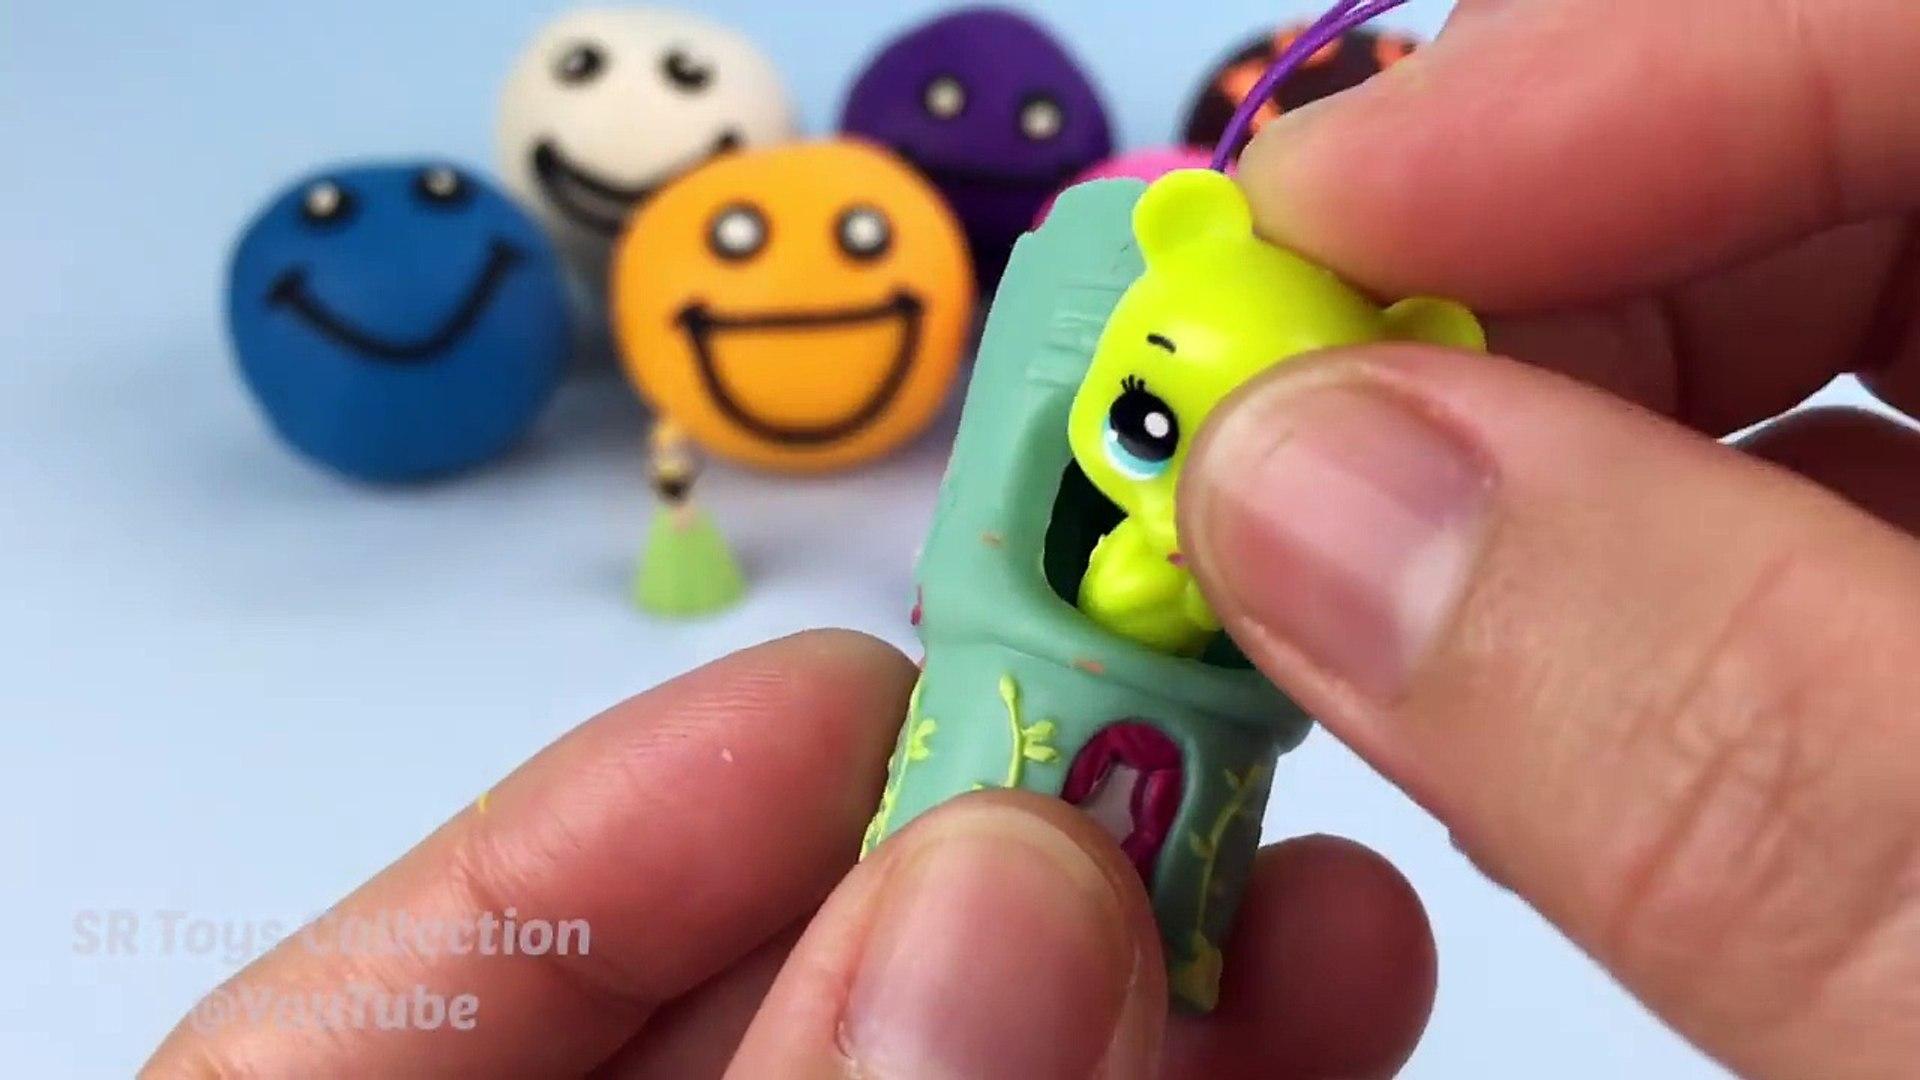 И цвета доч тесто фак лицо фрукты Узнайте играть смайлик овощи с |